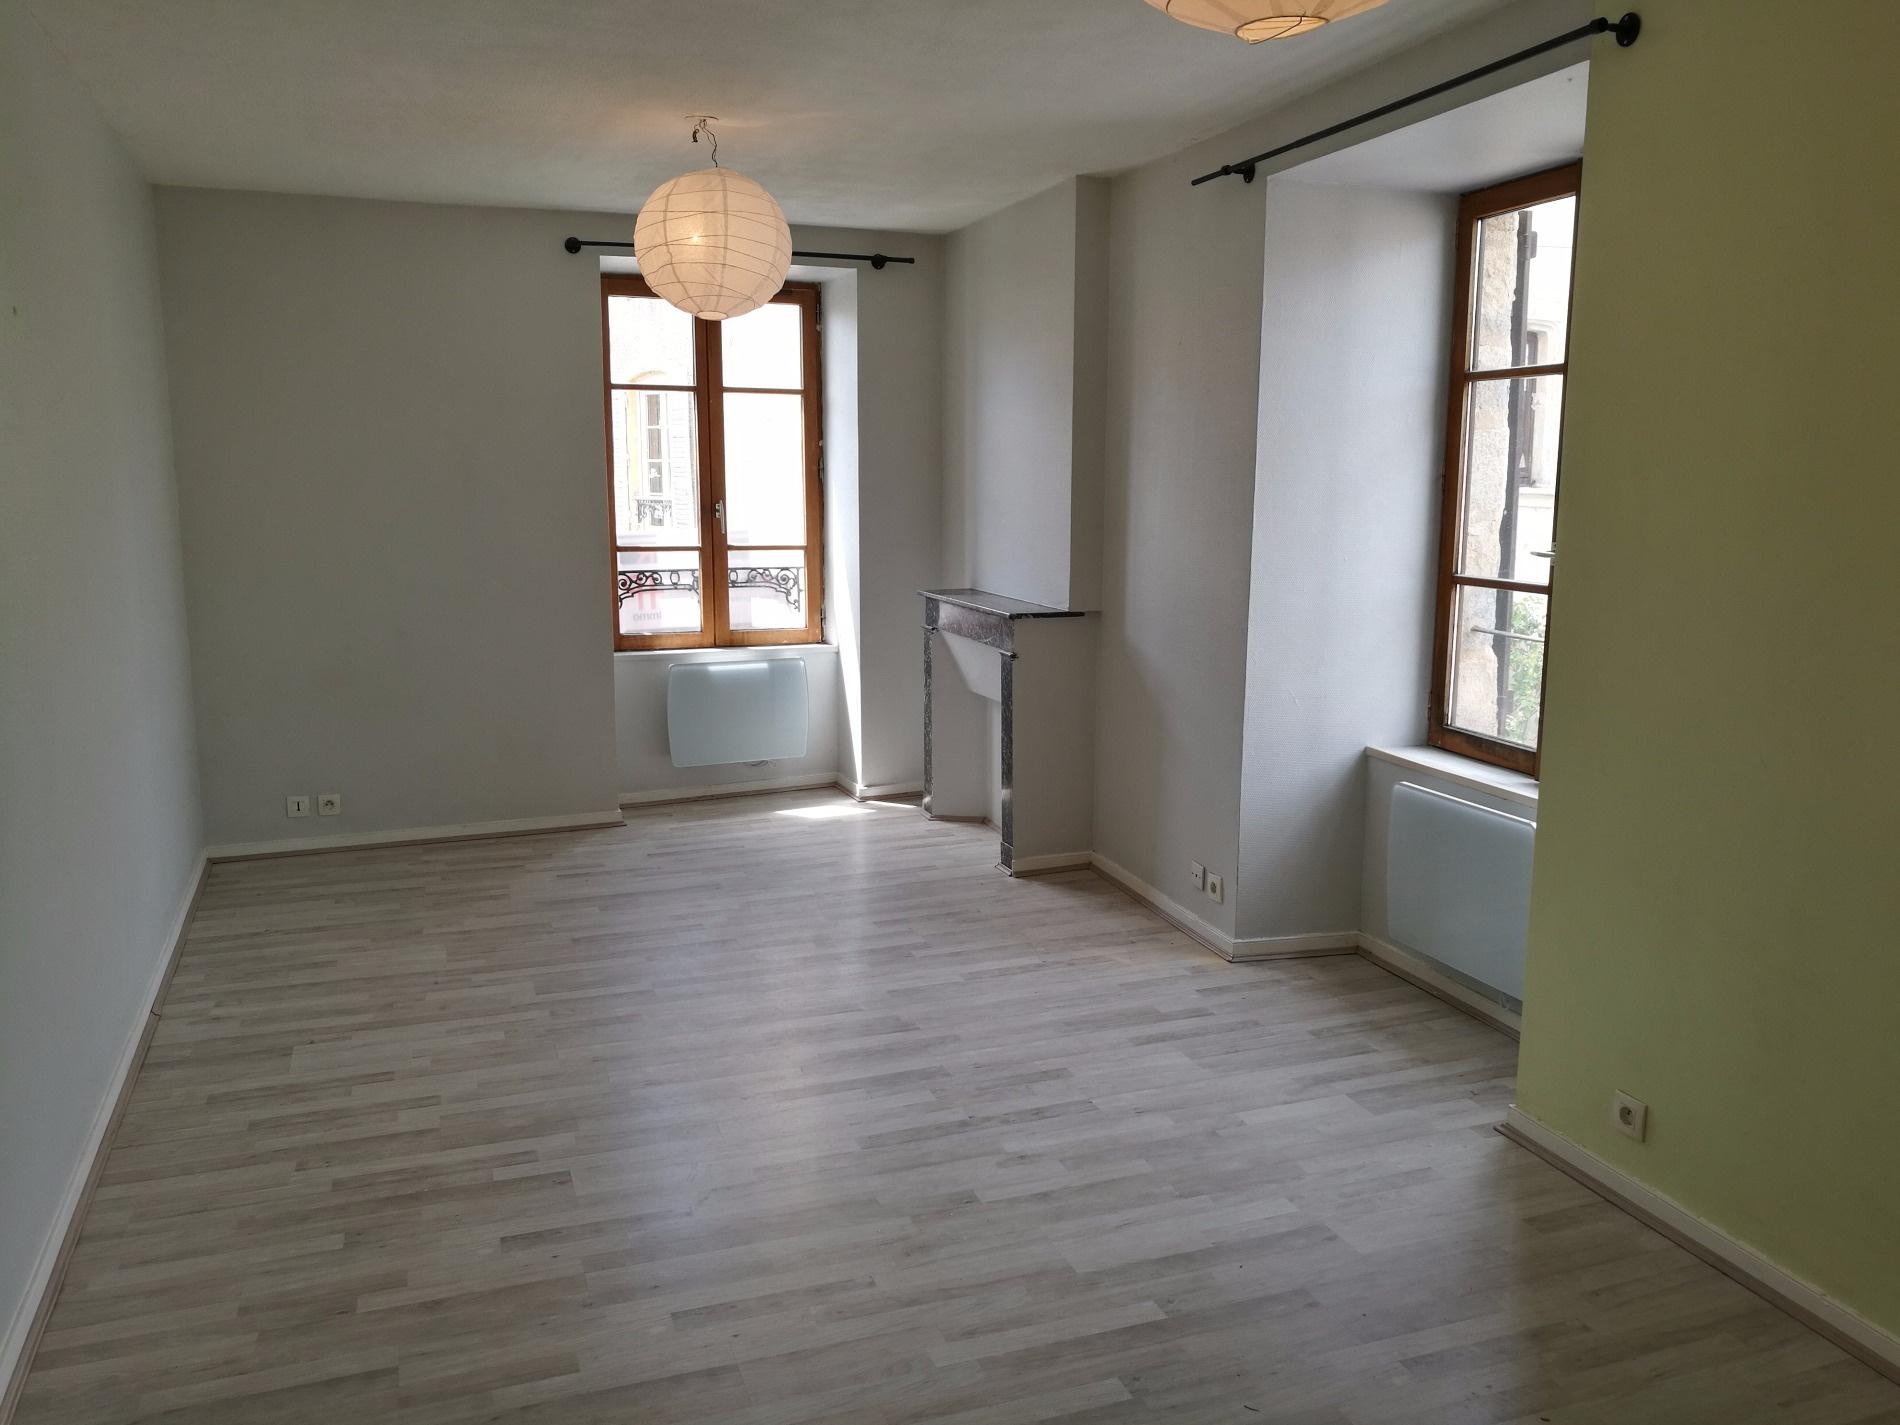 Offres de location Appartement Saint-Amant-Tallende 63450